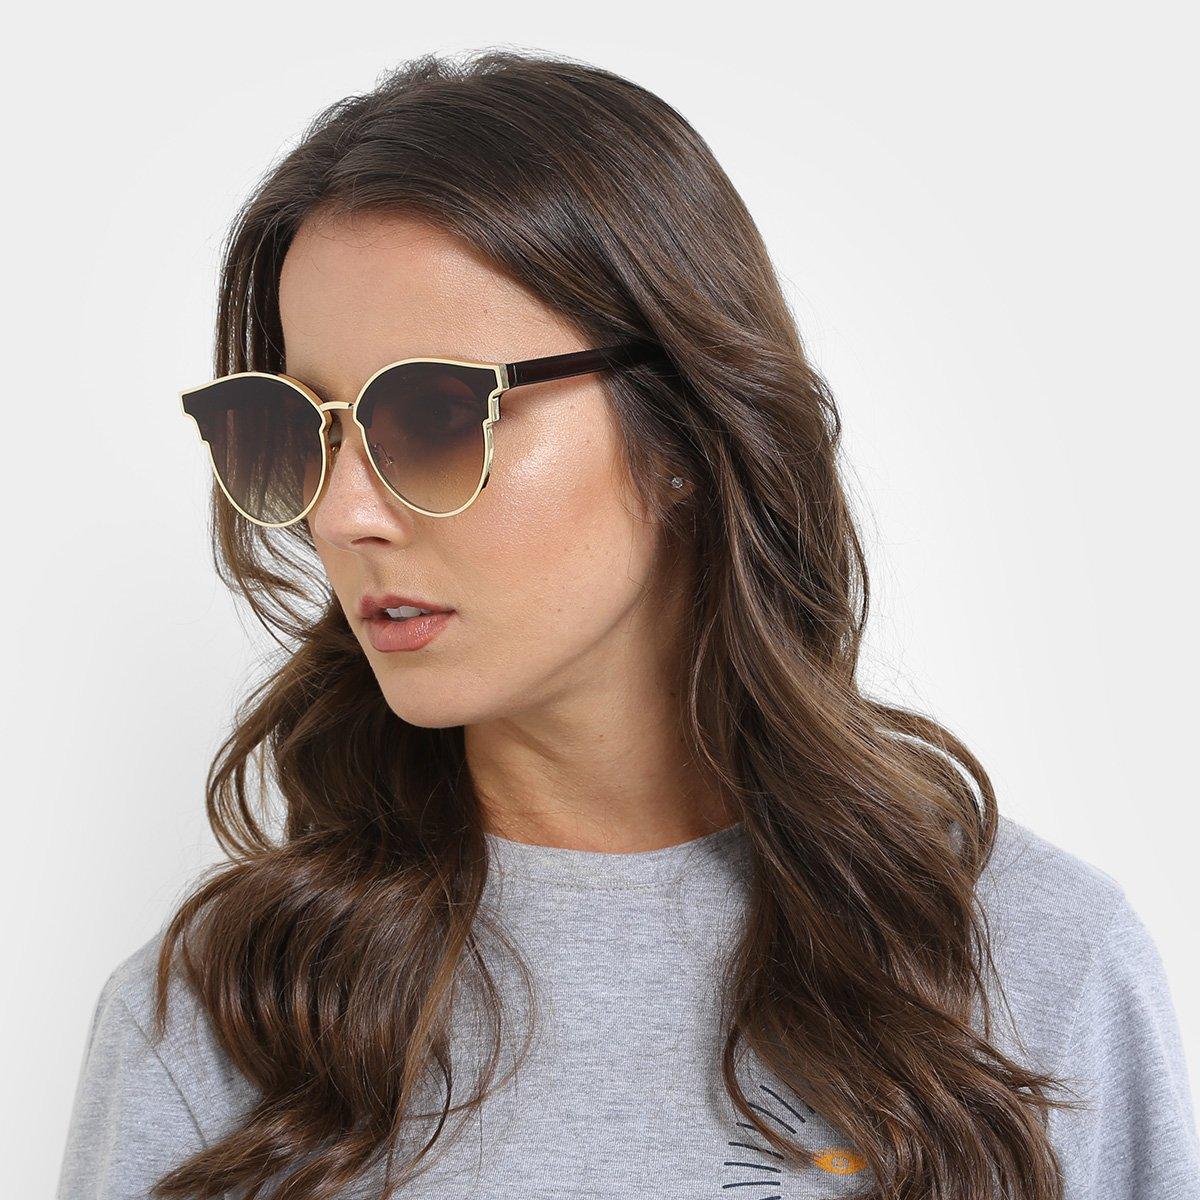 f767413916f94 Óculos de Sol Redondo King One Feminino - Compre Agora   Zattini